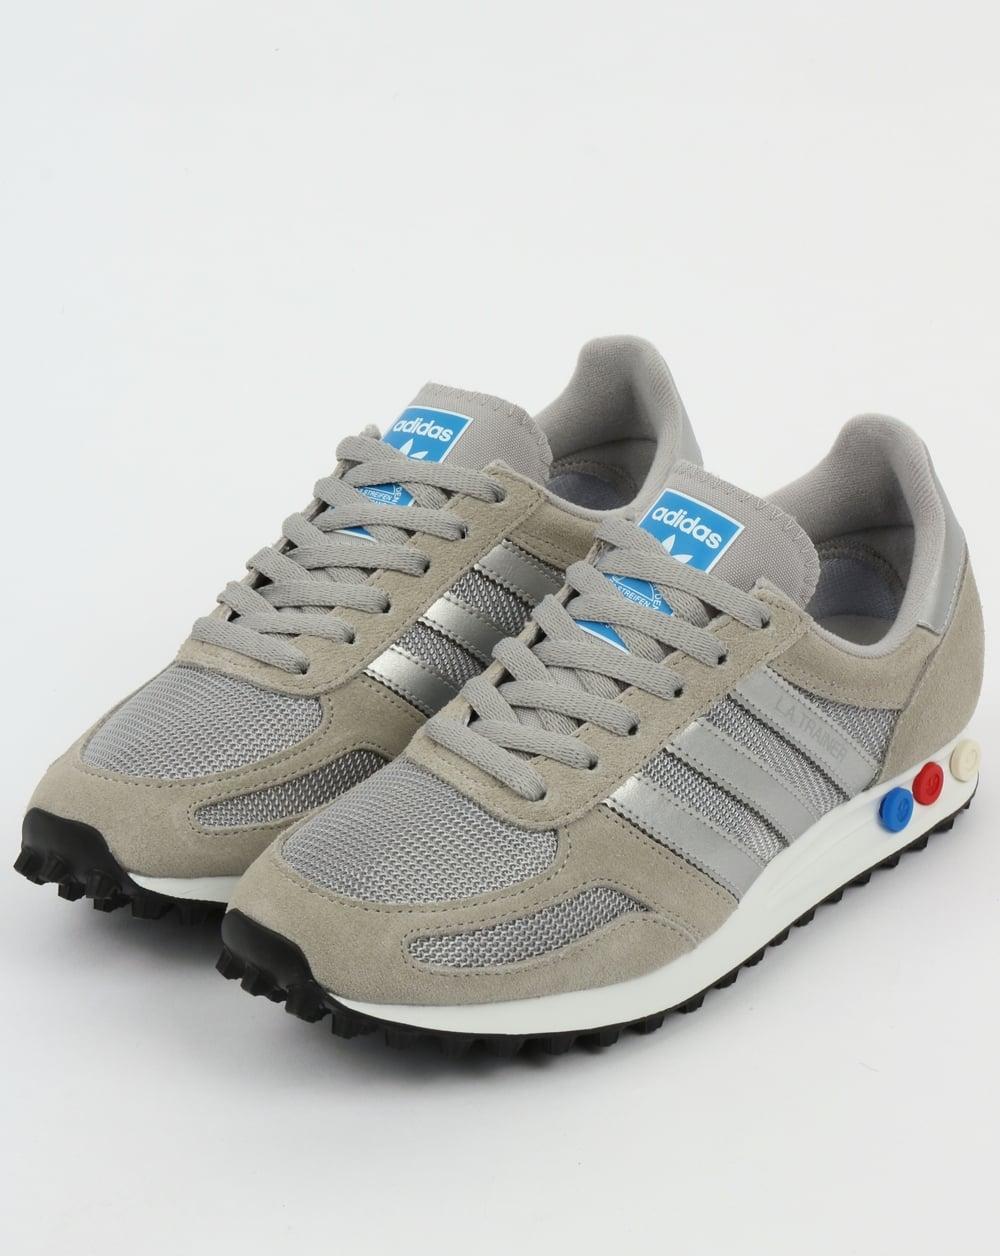 acheter populaire 3e563 8fc44 Adidas LA Trainer Solid Grey/Silver